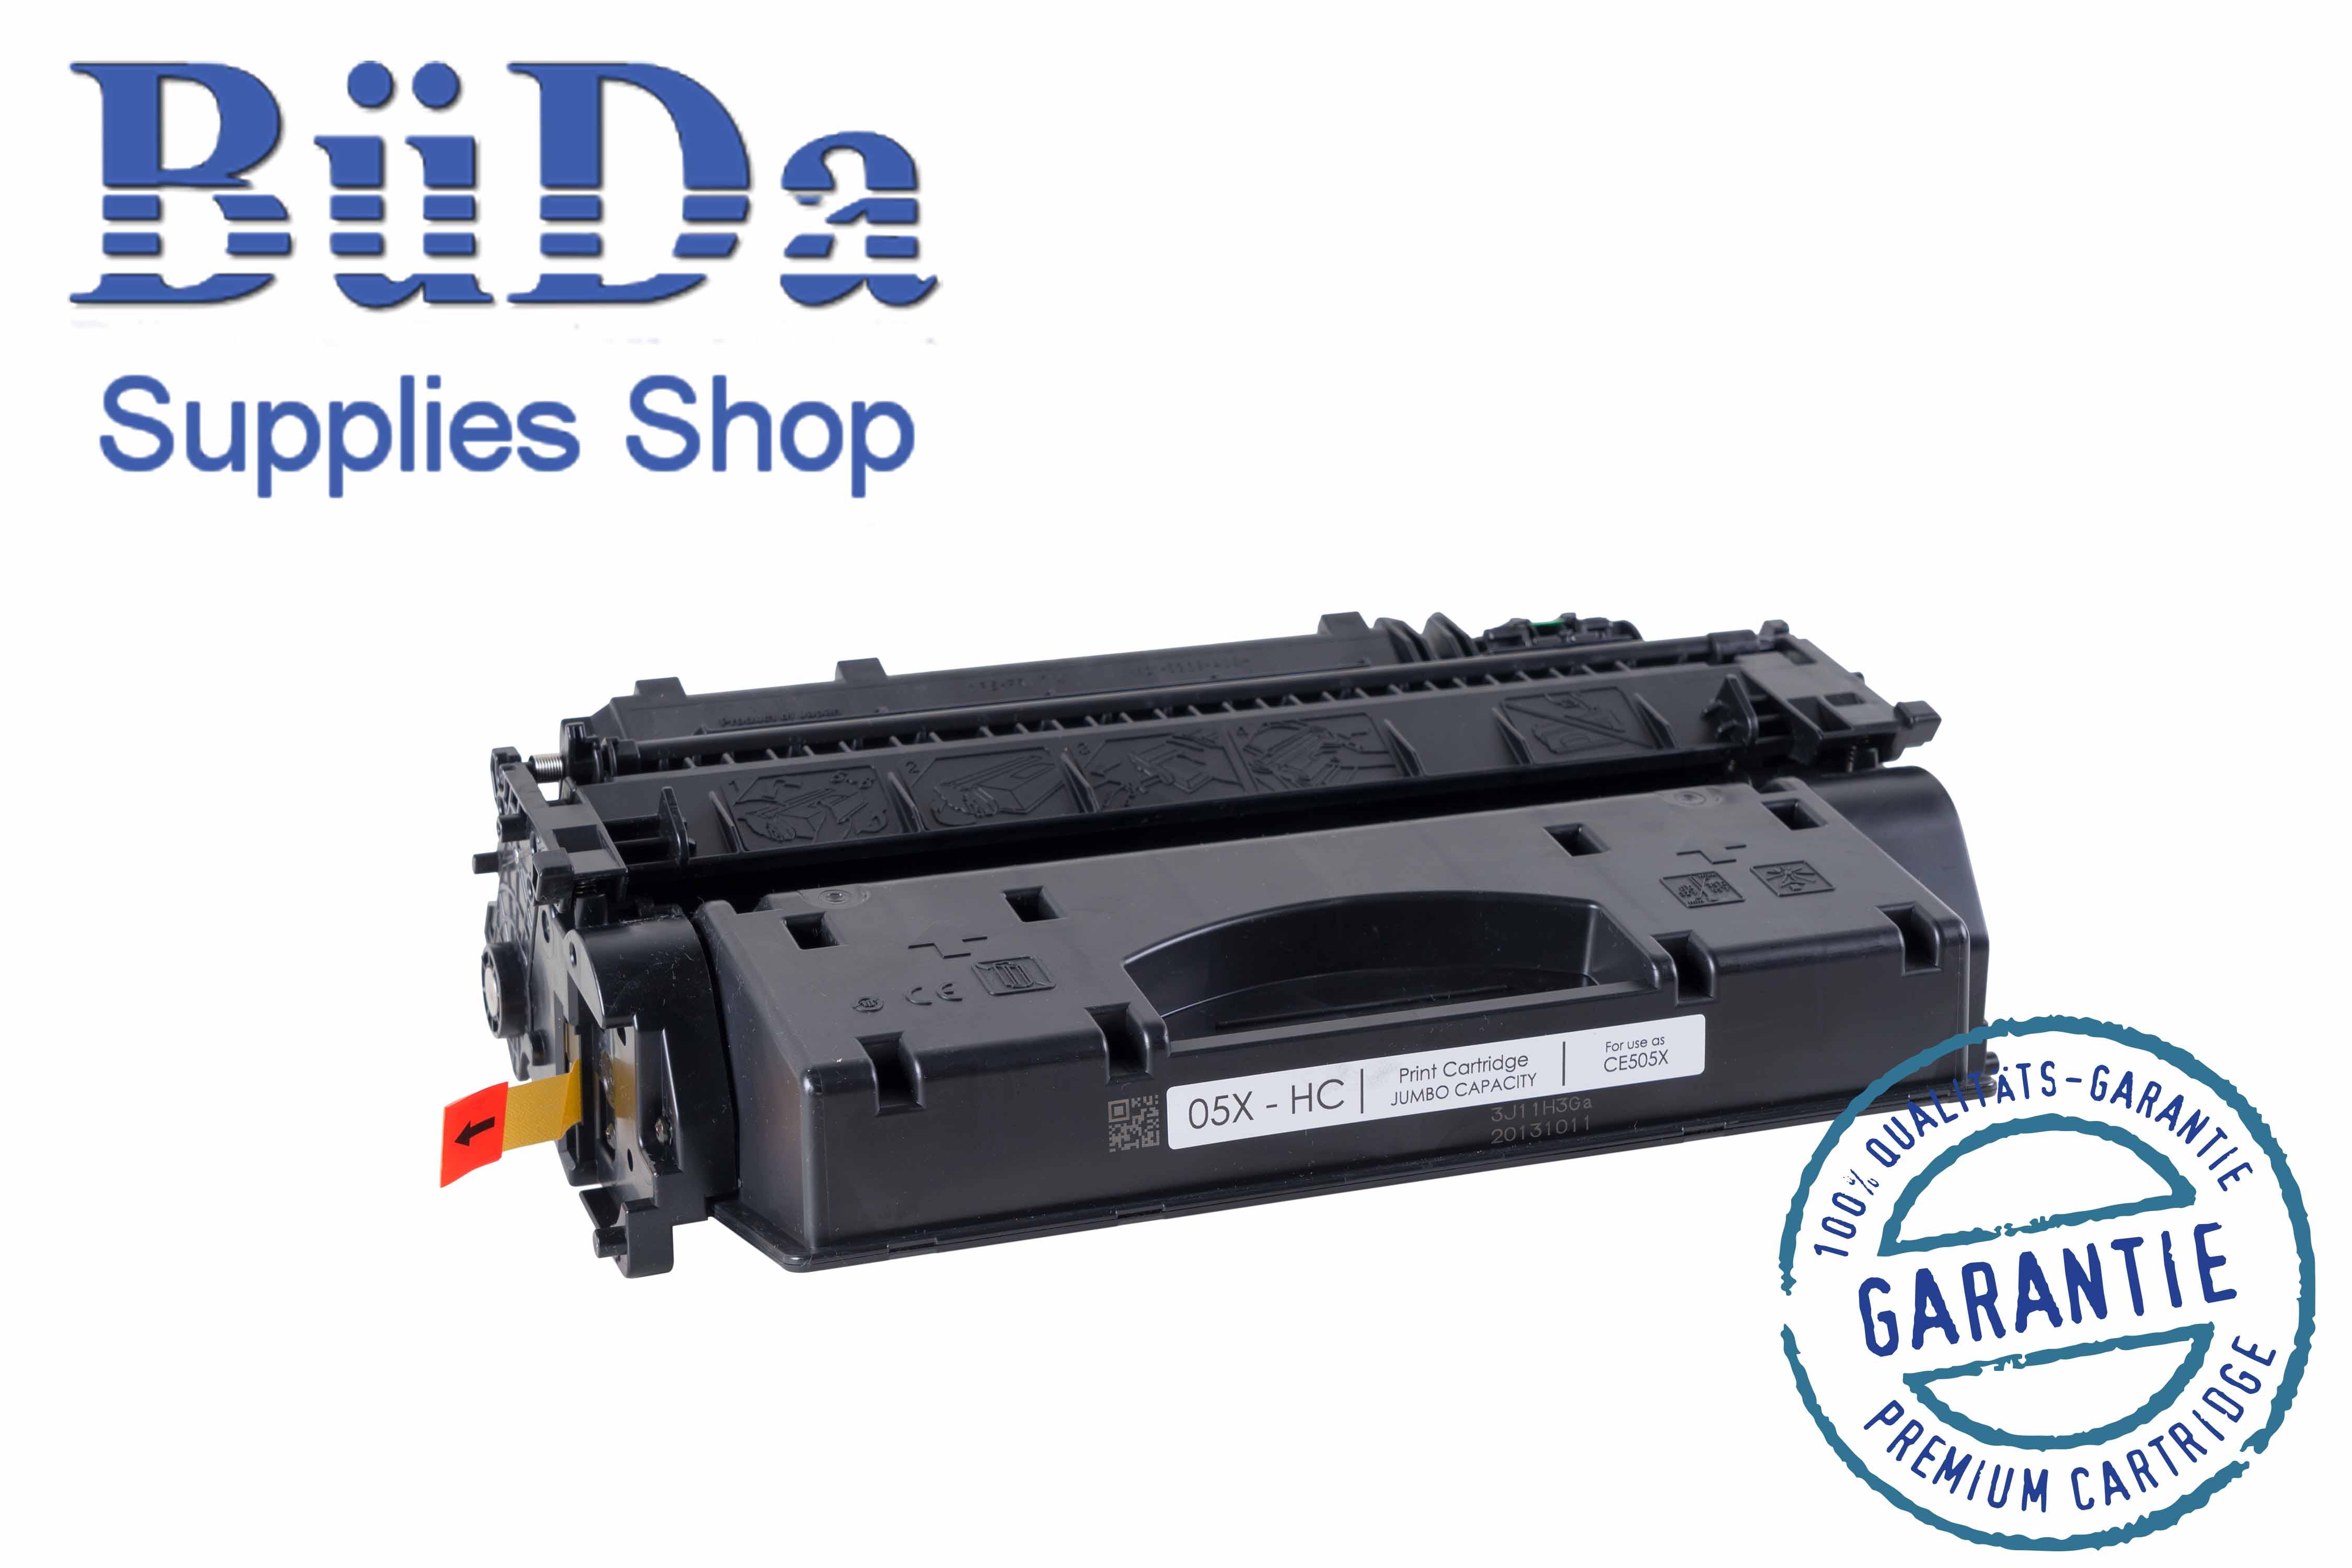 Toner-Modul komp. zu CE505X-HC / Crt. 719H-HC black 13000 Seiten